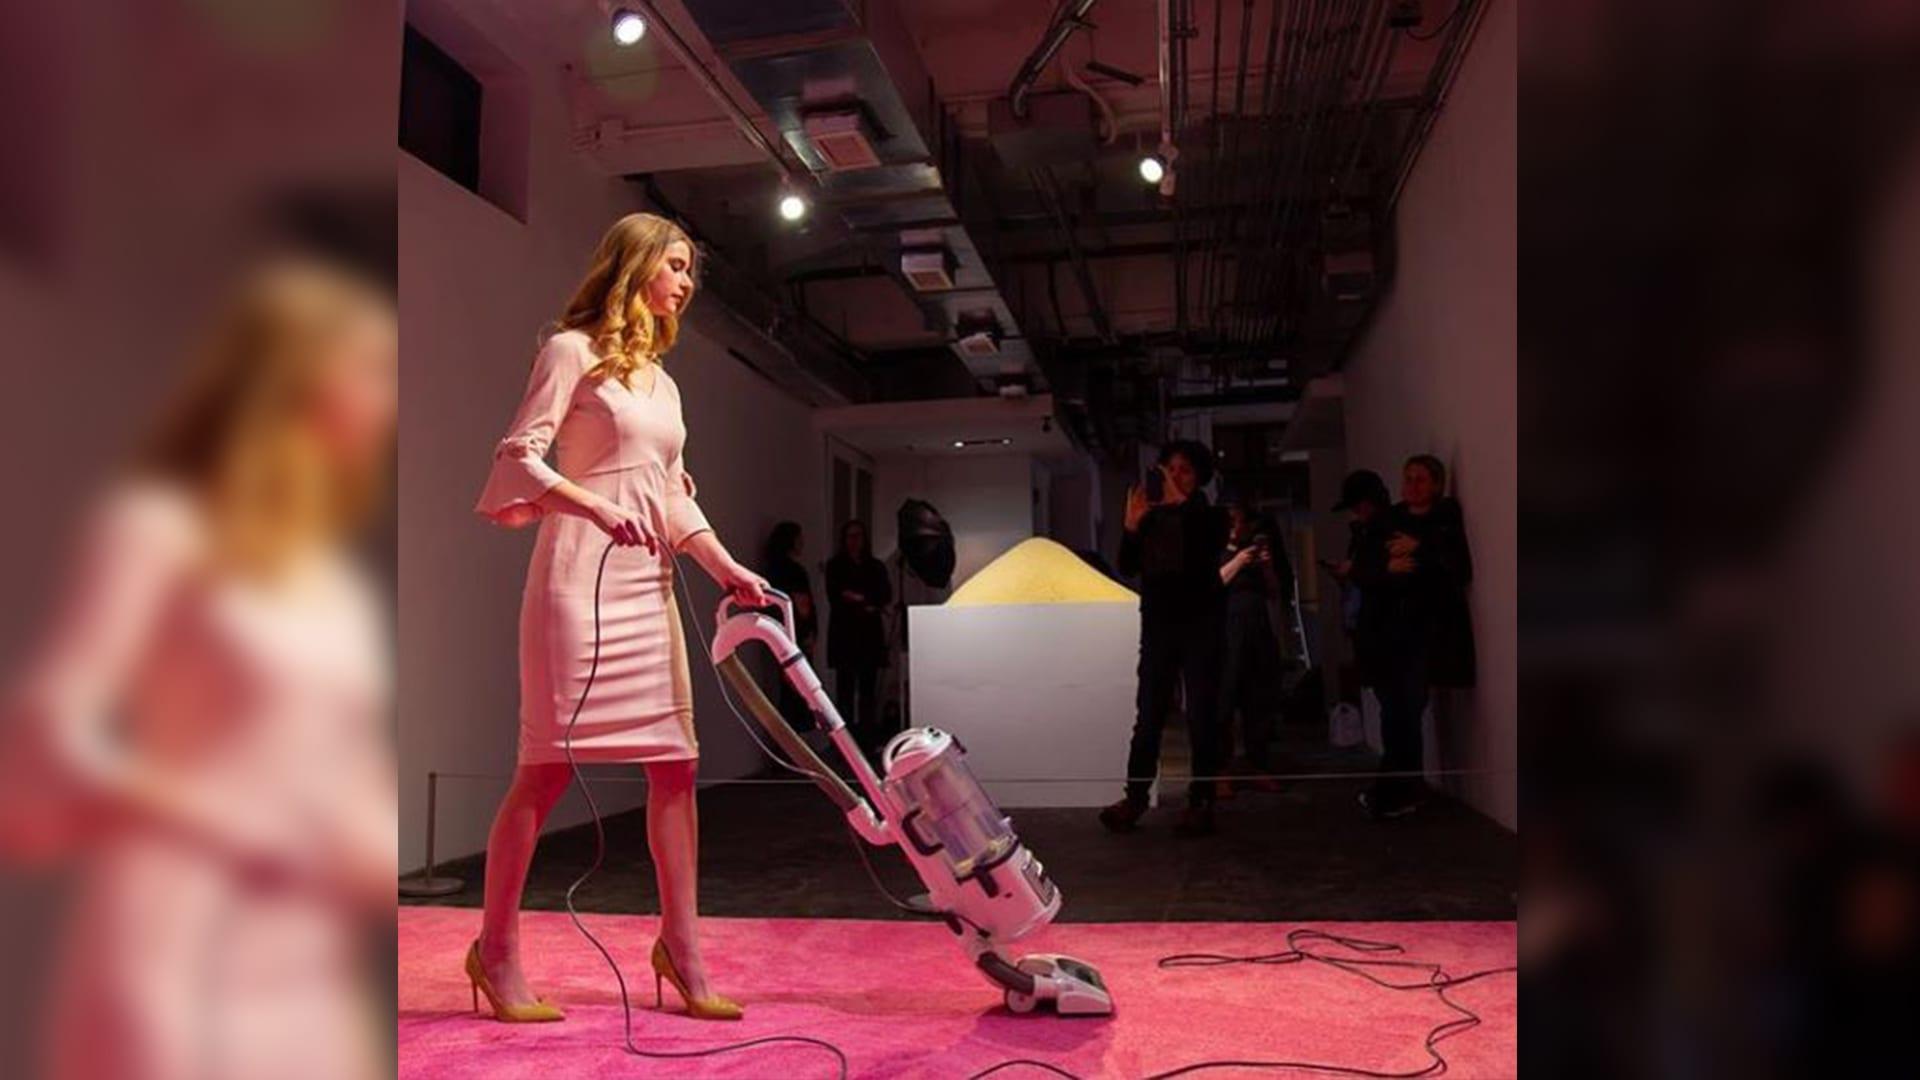 إيفانكا ترامب تكنس بأناقة كاملة.. كيف ردت على هذا العمل الفني؟